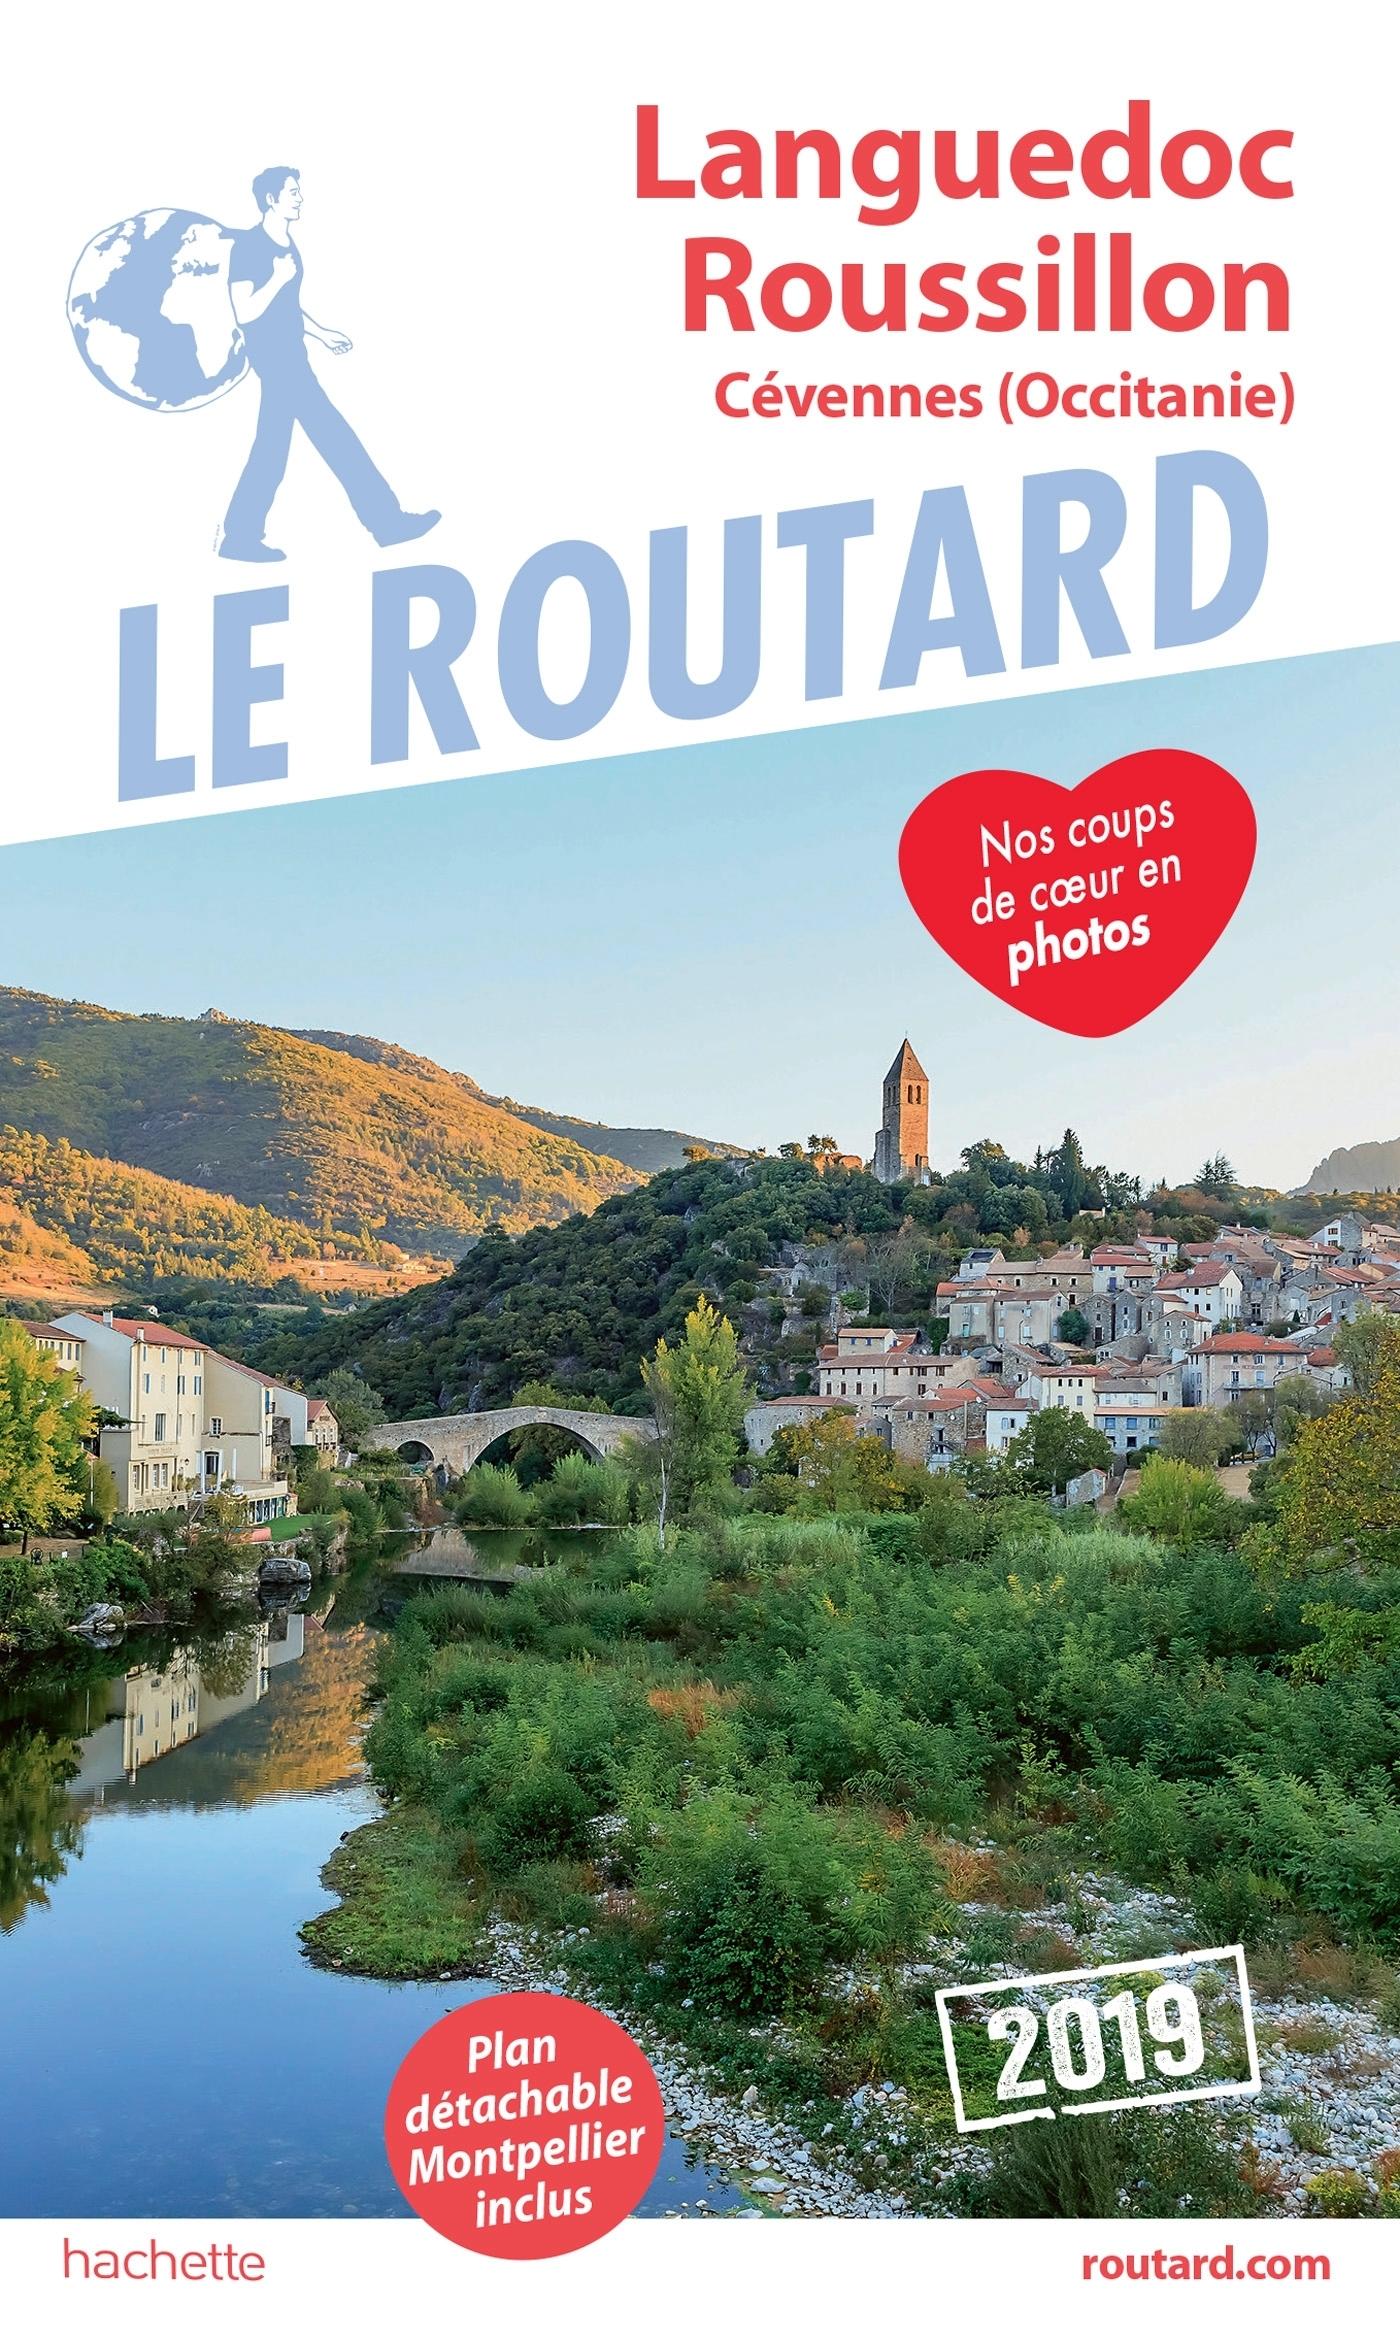 GUIDE DU ROUTARD LANGUEDOC ET ROUSSILLON CEVENNES 2019 - (OCCITANIE)